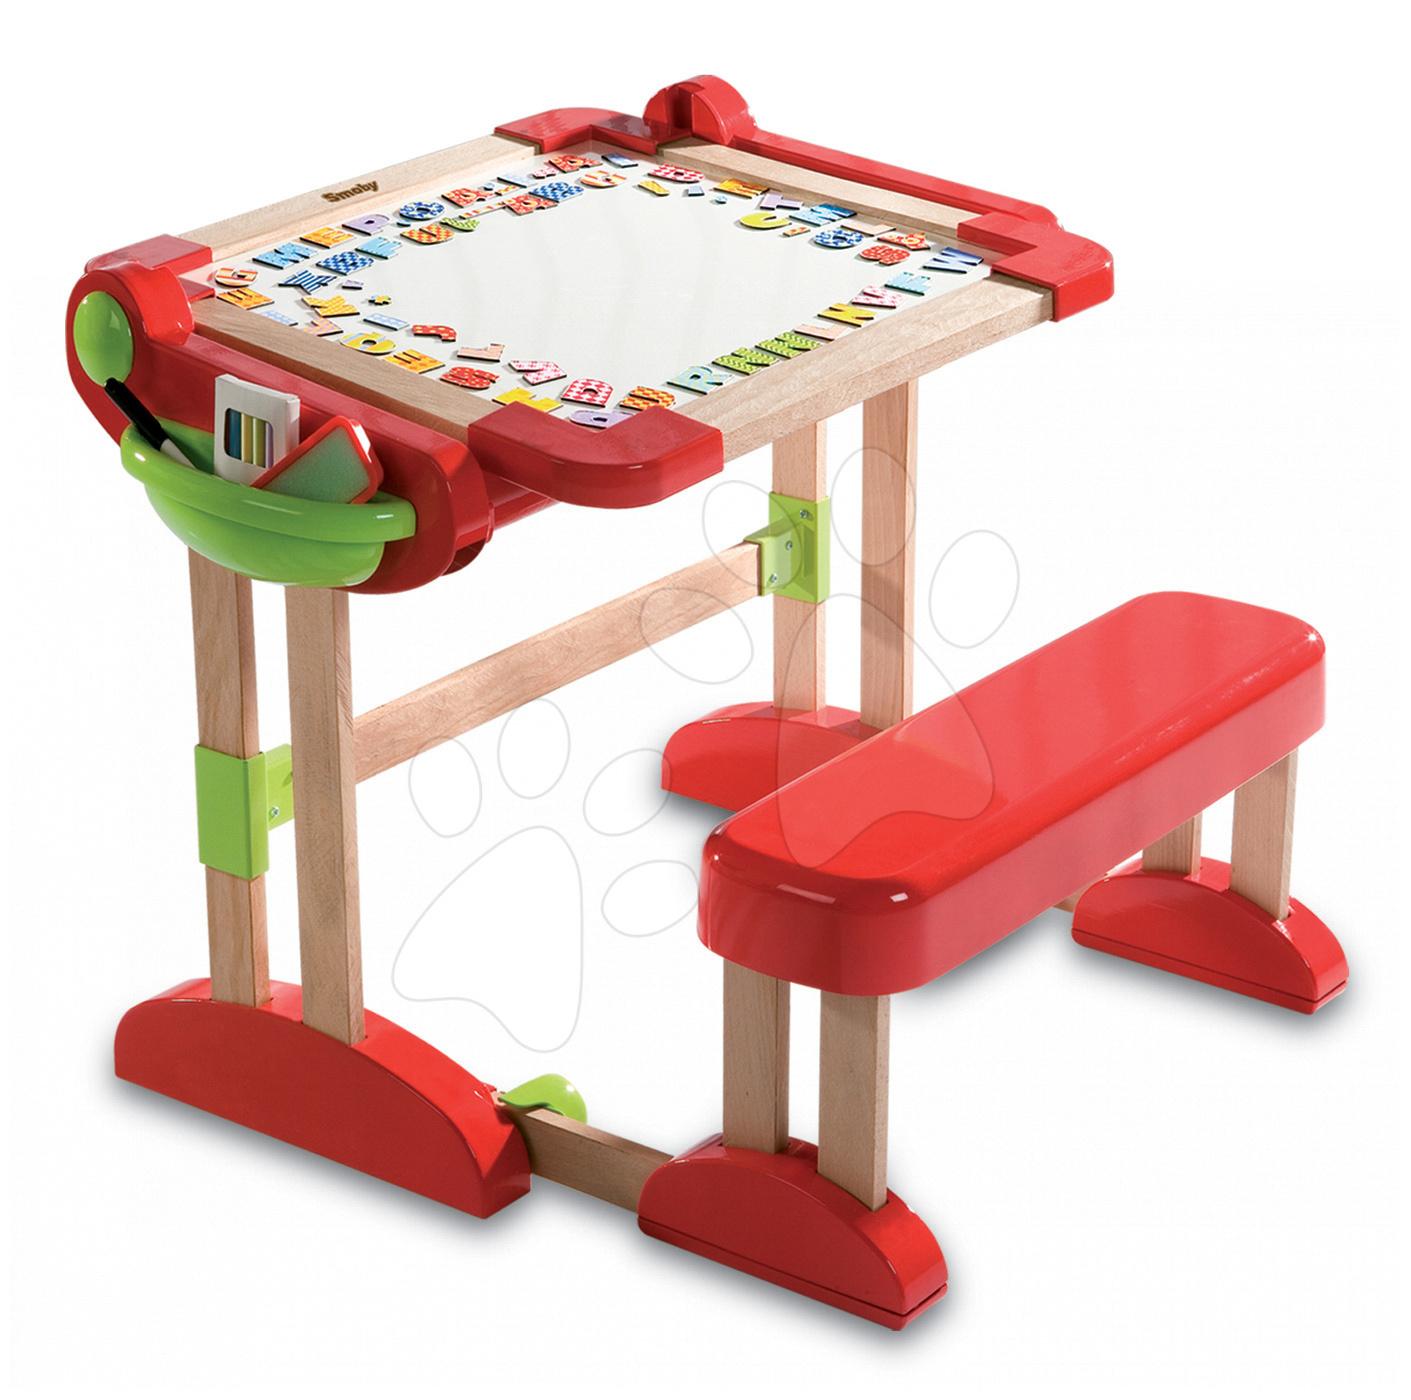 Školní lavice - Dřevěná školní lavice Activity 2v1 Smoby skládací s oboustrannou tabulí a 61 doplňky